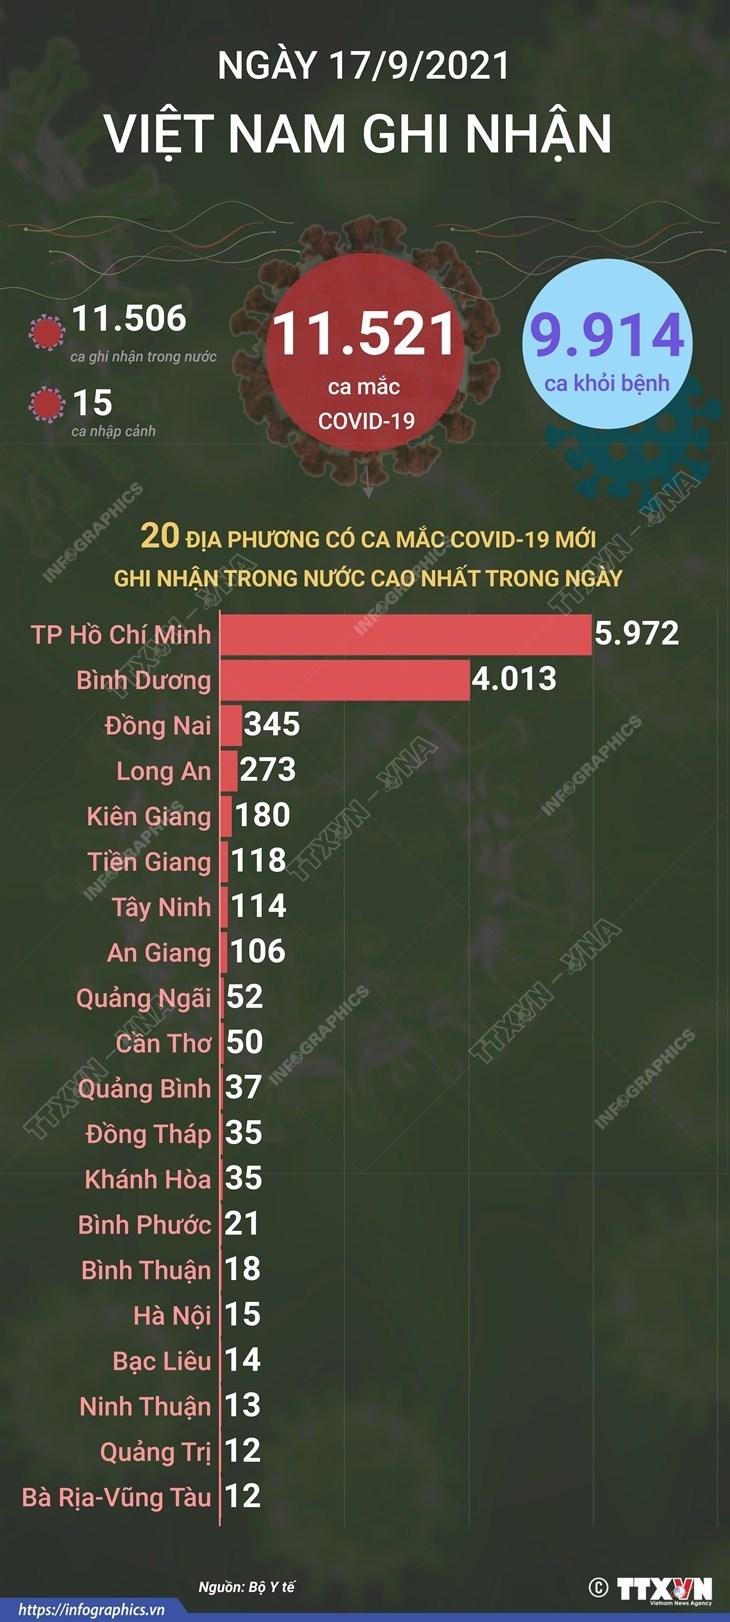 [Infographics] Cac tinh thanh ghi nhan nhieu ca nhiem nhat ngay 17/9 hinh anh 1